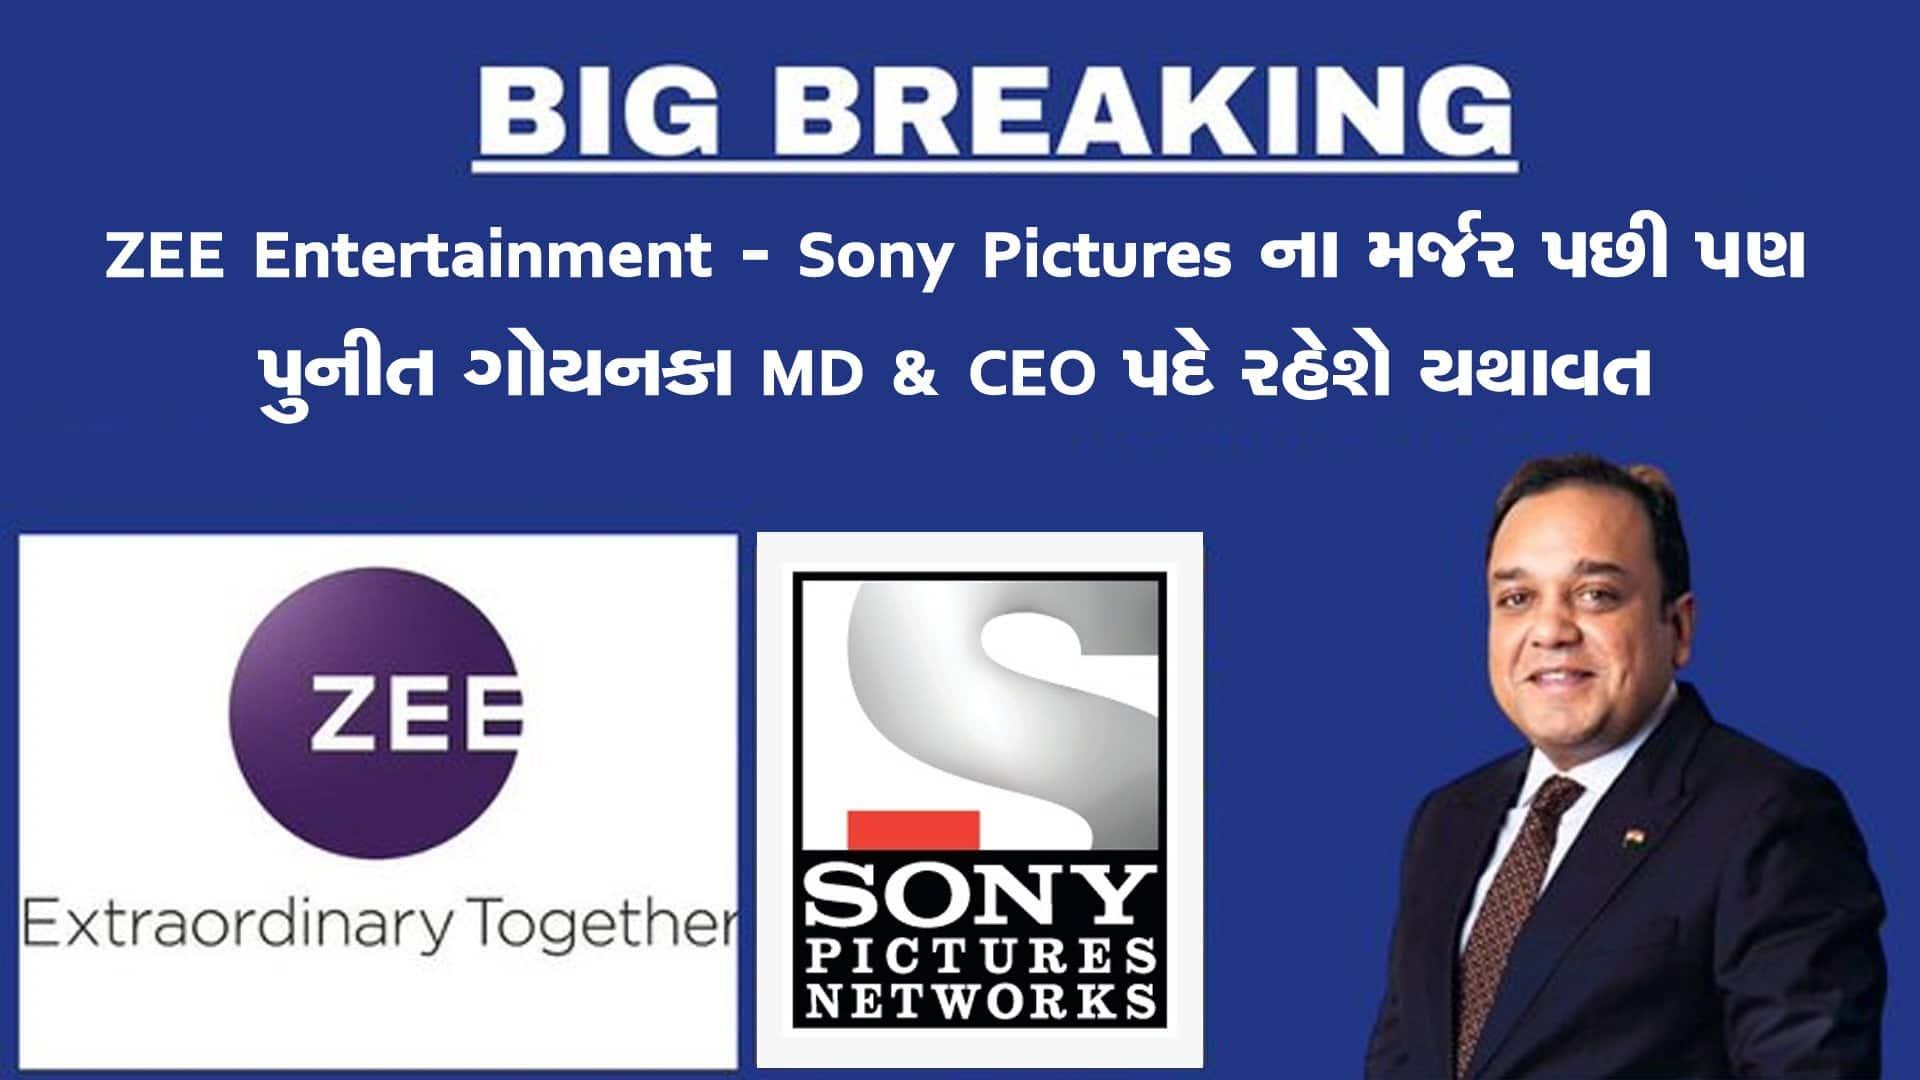 Zeel-Sony Merger: પુનીત ગોયંકા વિલય બાદ બનનારી નવી કંપનીના MD-CEO પદે યથાવત રહેશે